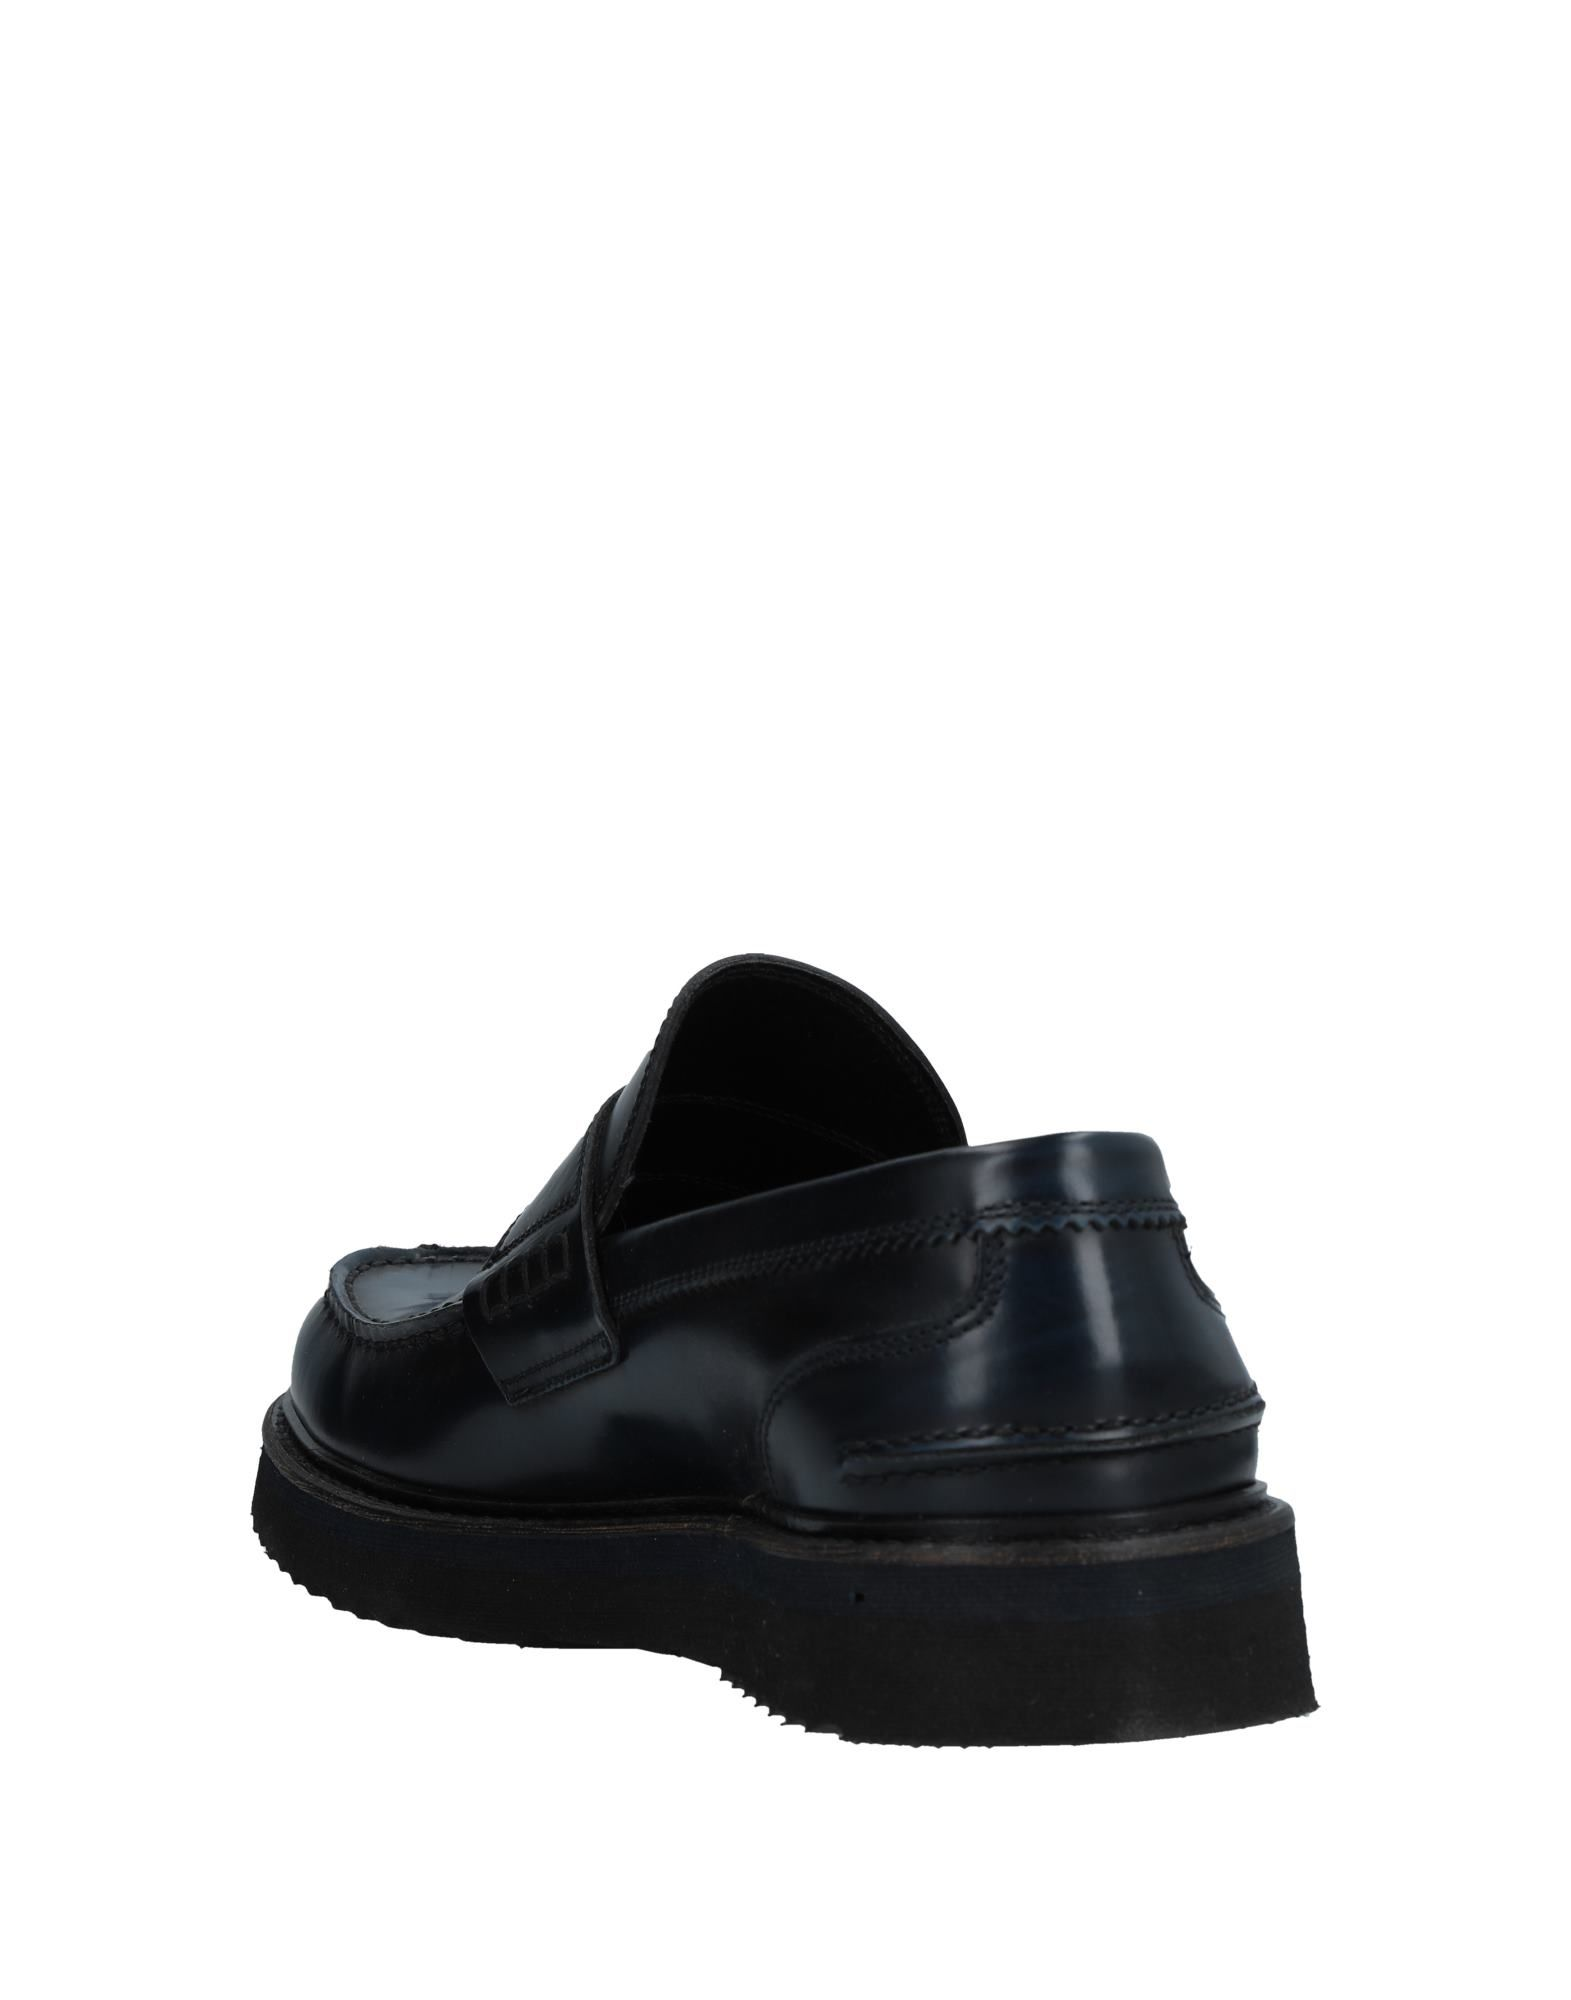 Rabatt echte Mokassins Schuhe Anderson Mokassins echte Herren  11521771MM 78a17a